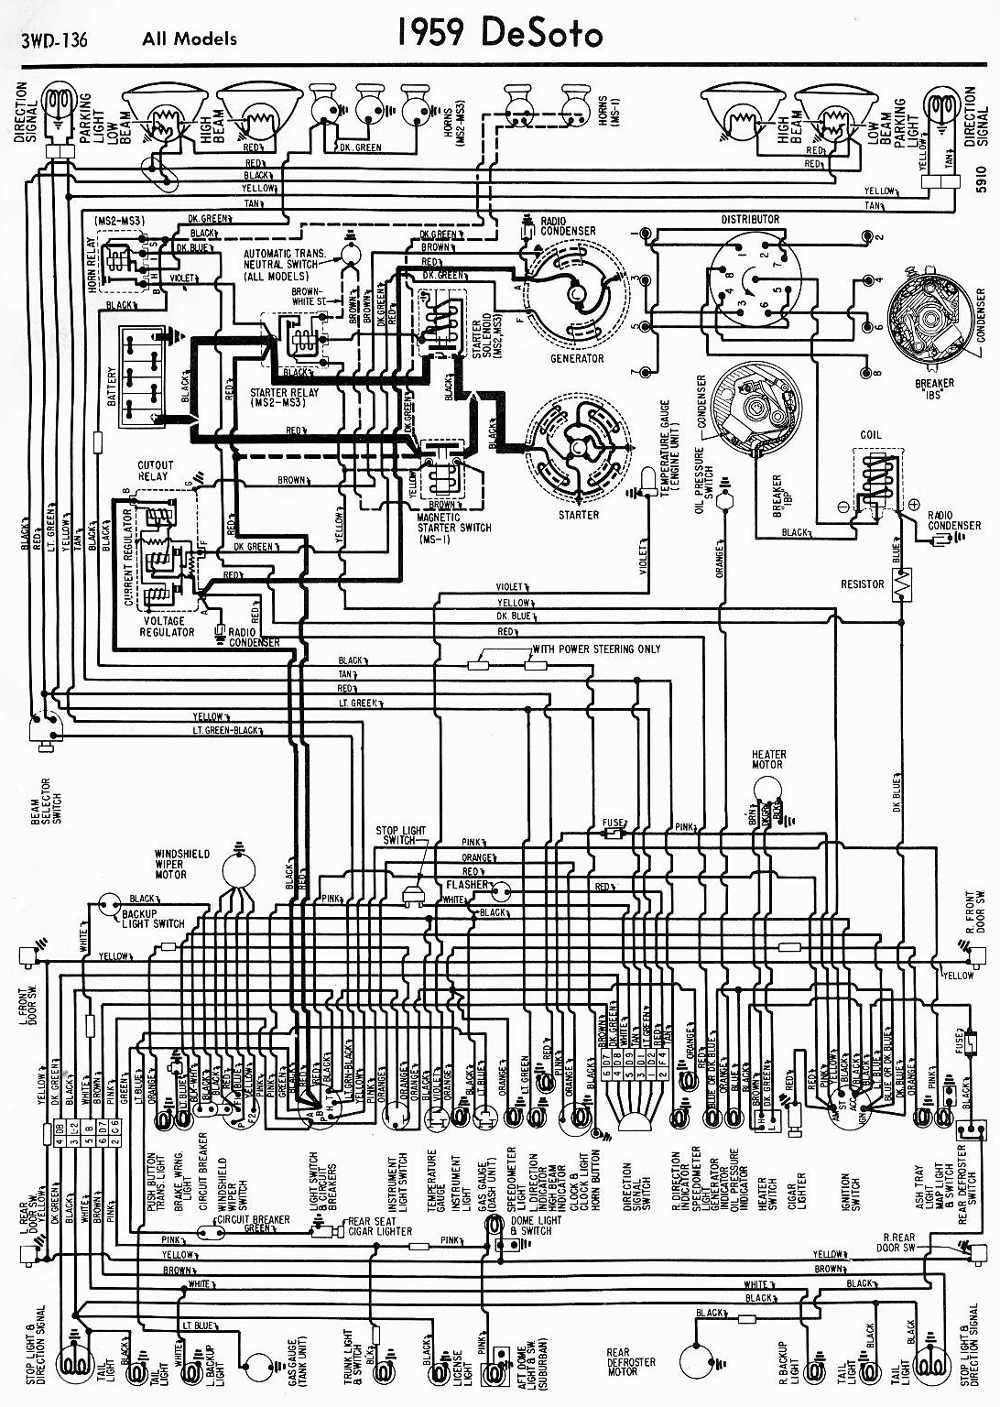 1949 Desoto Cop Car Wiring Diagramcop 1950 Diagram Diagrams Of 1959 All Modelst1508403749